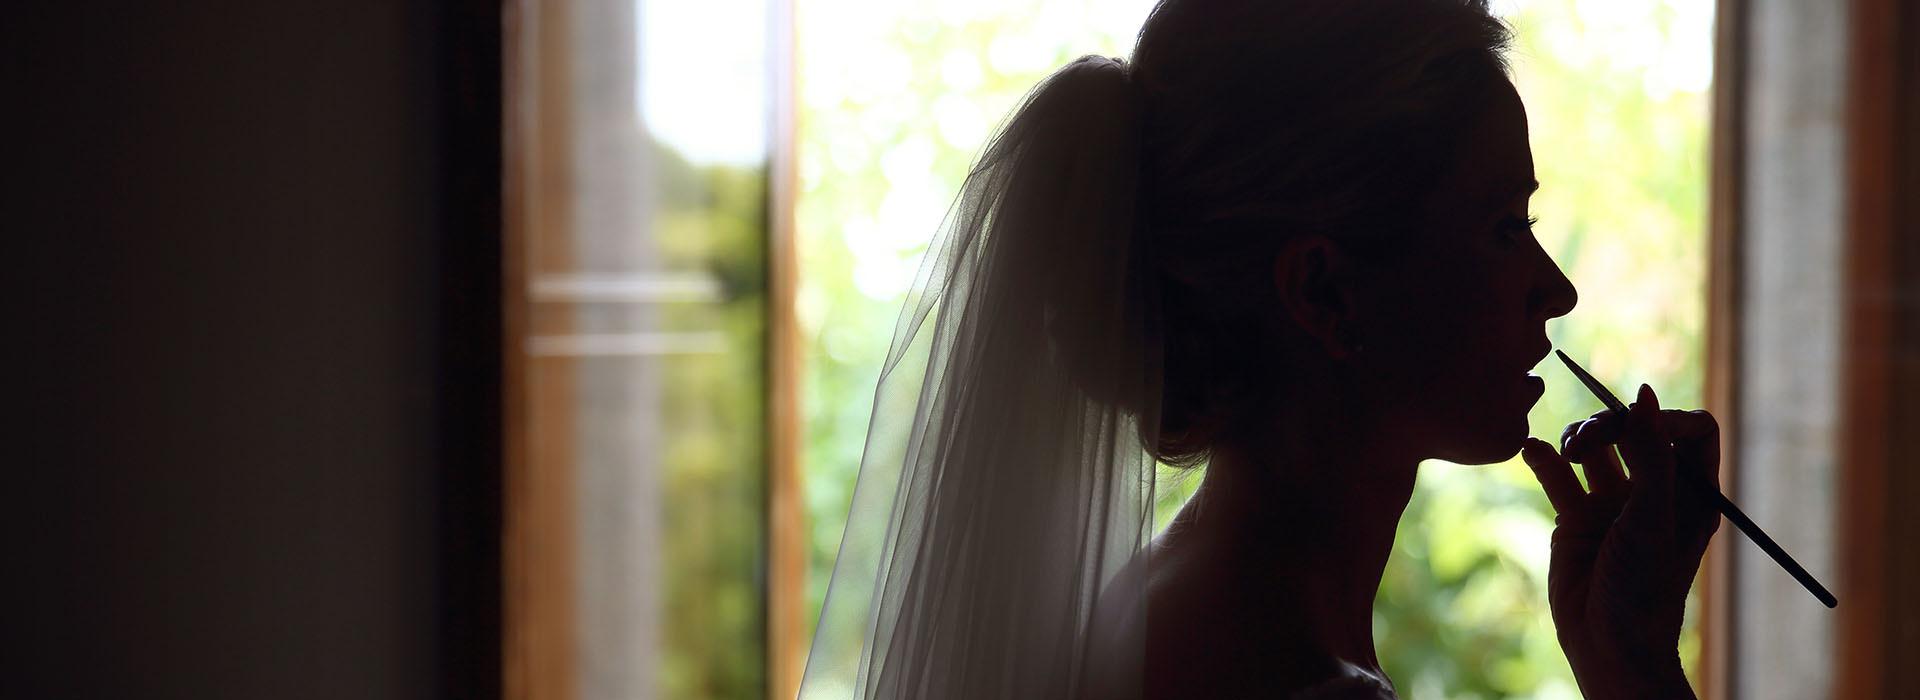 fotografos de bodas barcelona 09